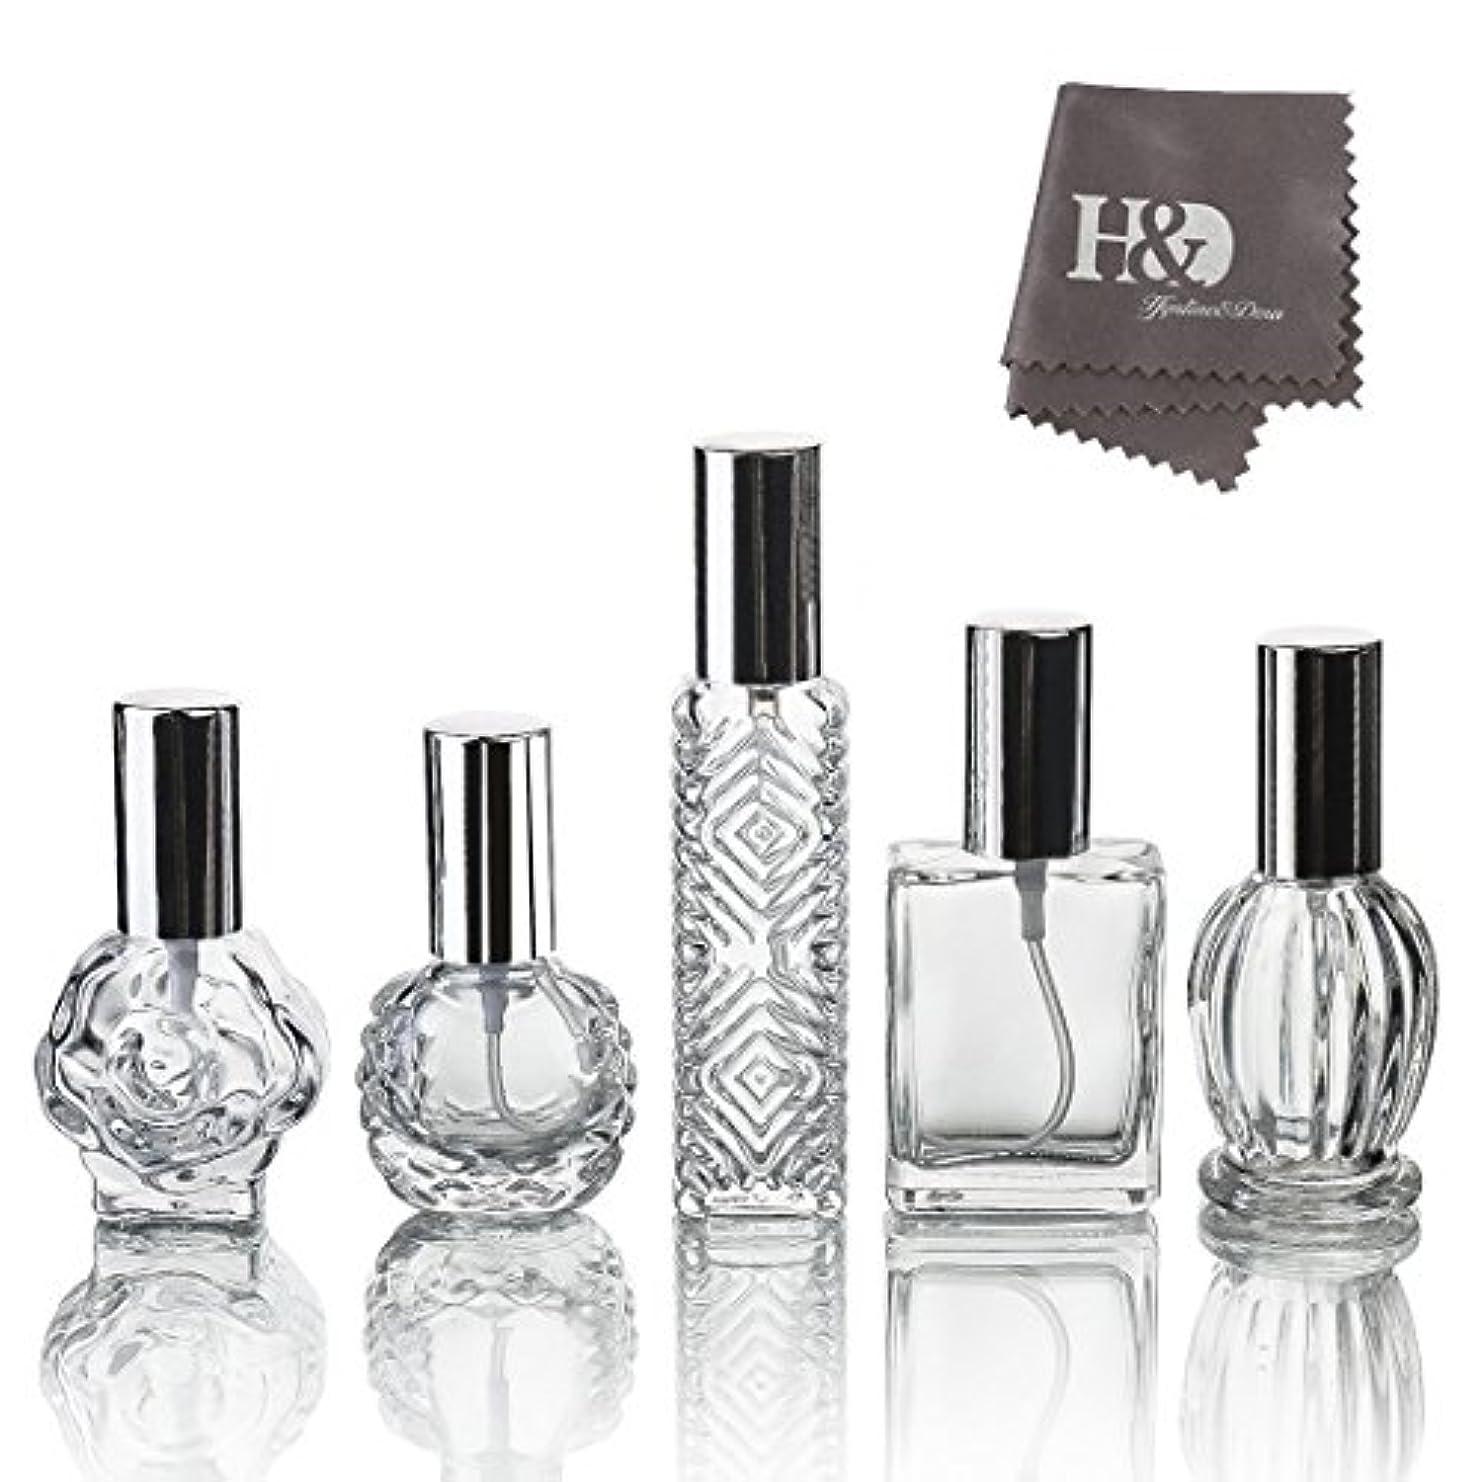 役立つ気晴らし鯨H&D 5枚セット ガラスボトル 香水瓶 詰替用瓶 分け瓶 旅行用品 化粧水用瓶 装飾雑貨 ガラス製 (2)